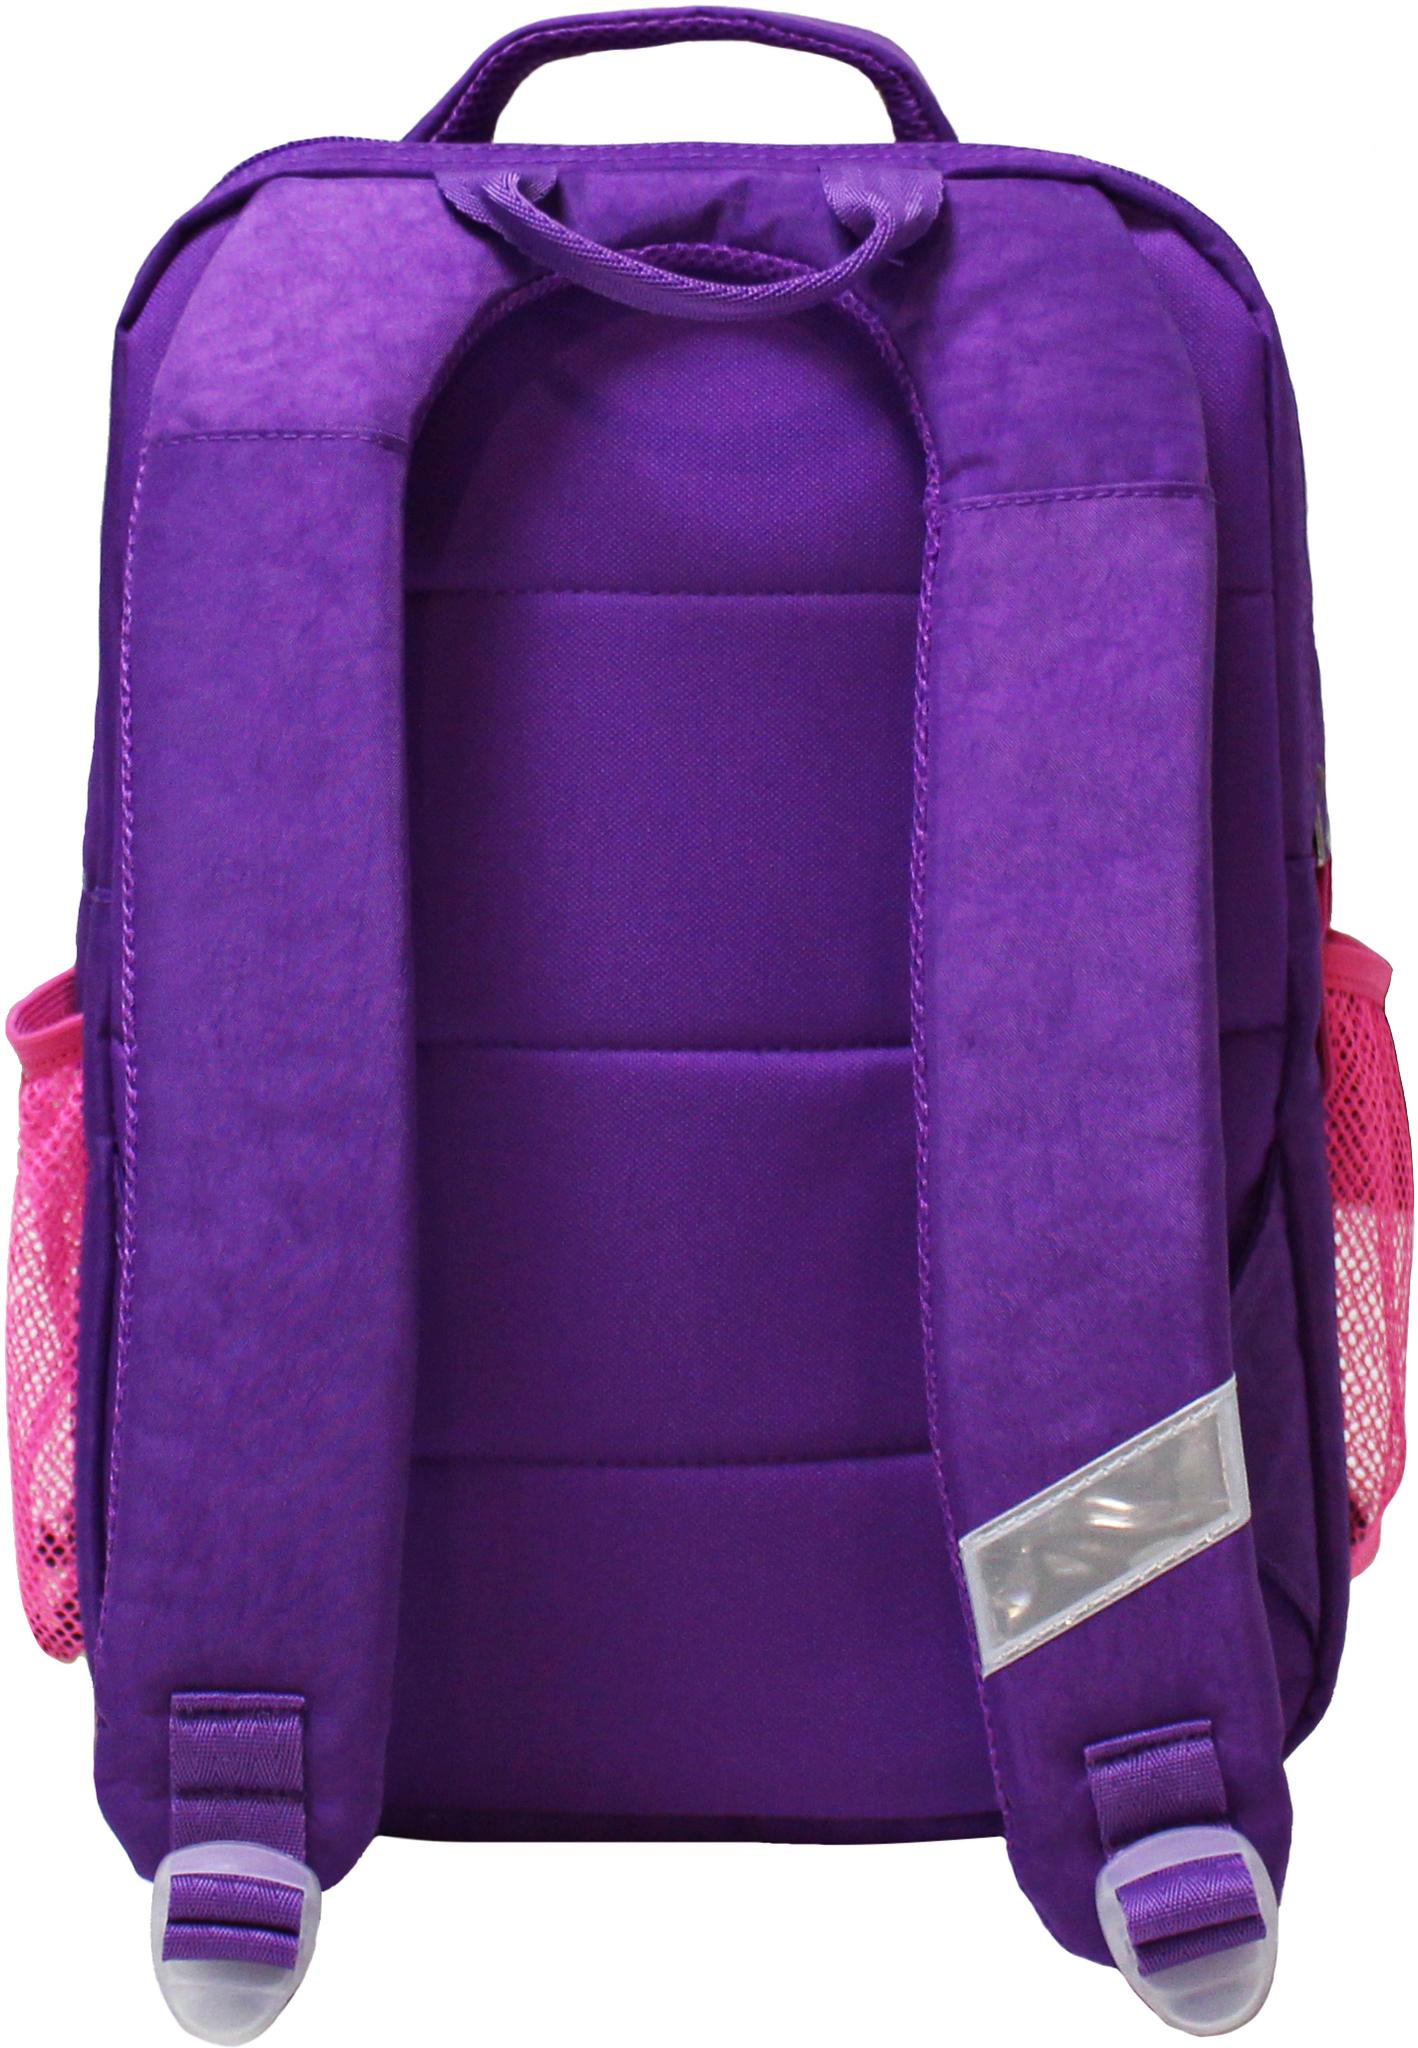 Рюкзак школьный Bagland Школьник 8 л. Фиолетовый 138д (00112702)